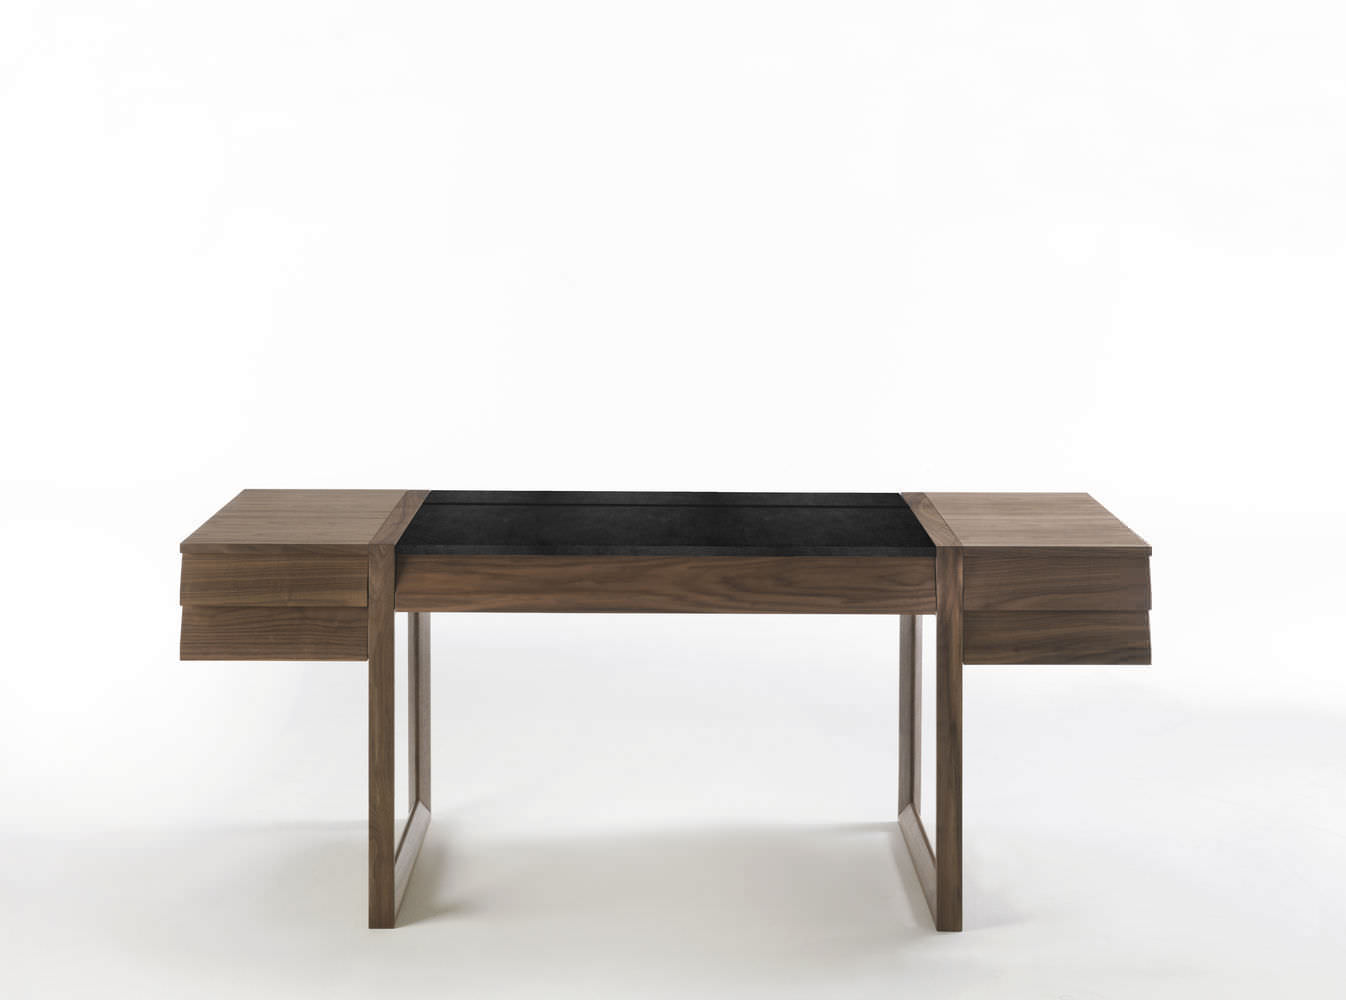 Bureau en bois en cuir contemporain elle ecrit by jamie